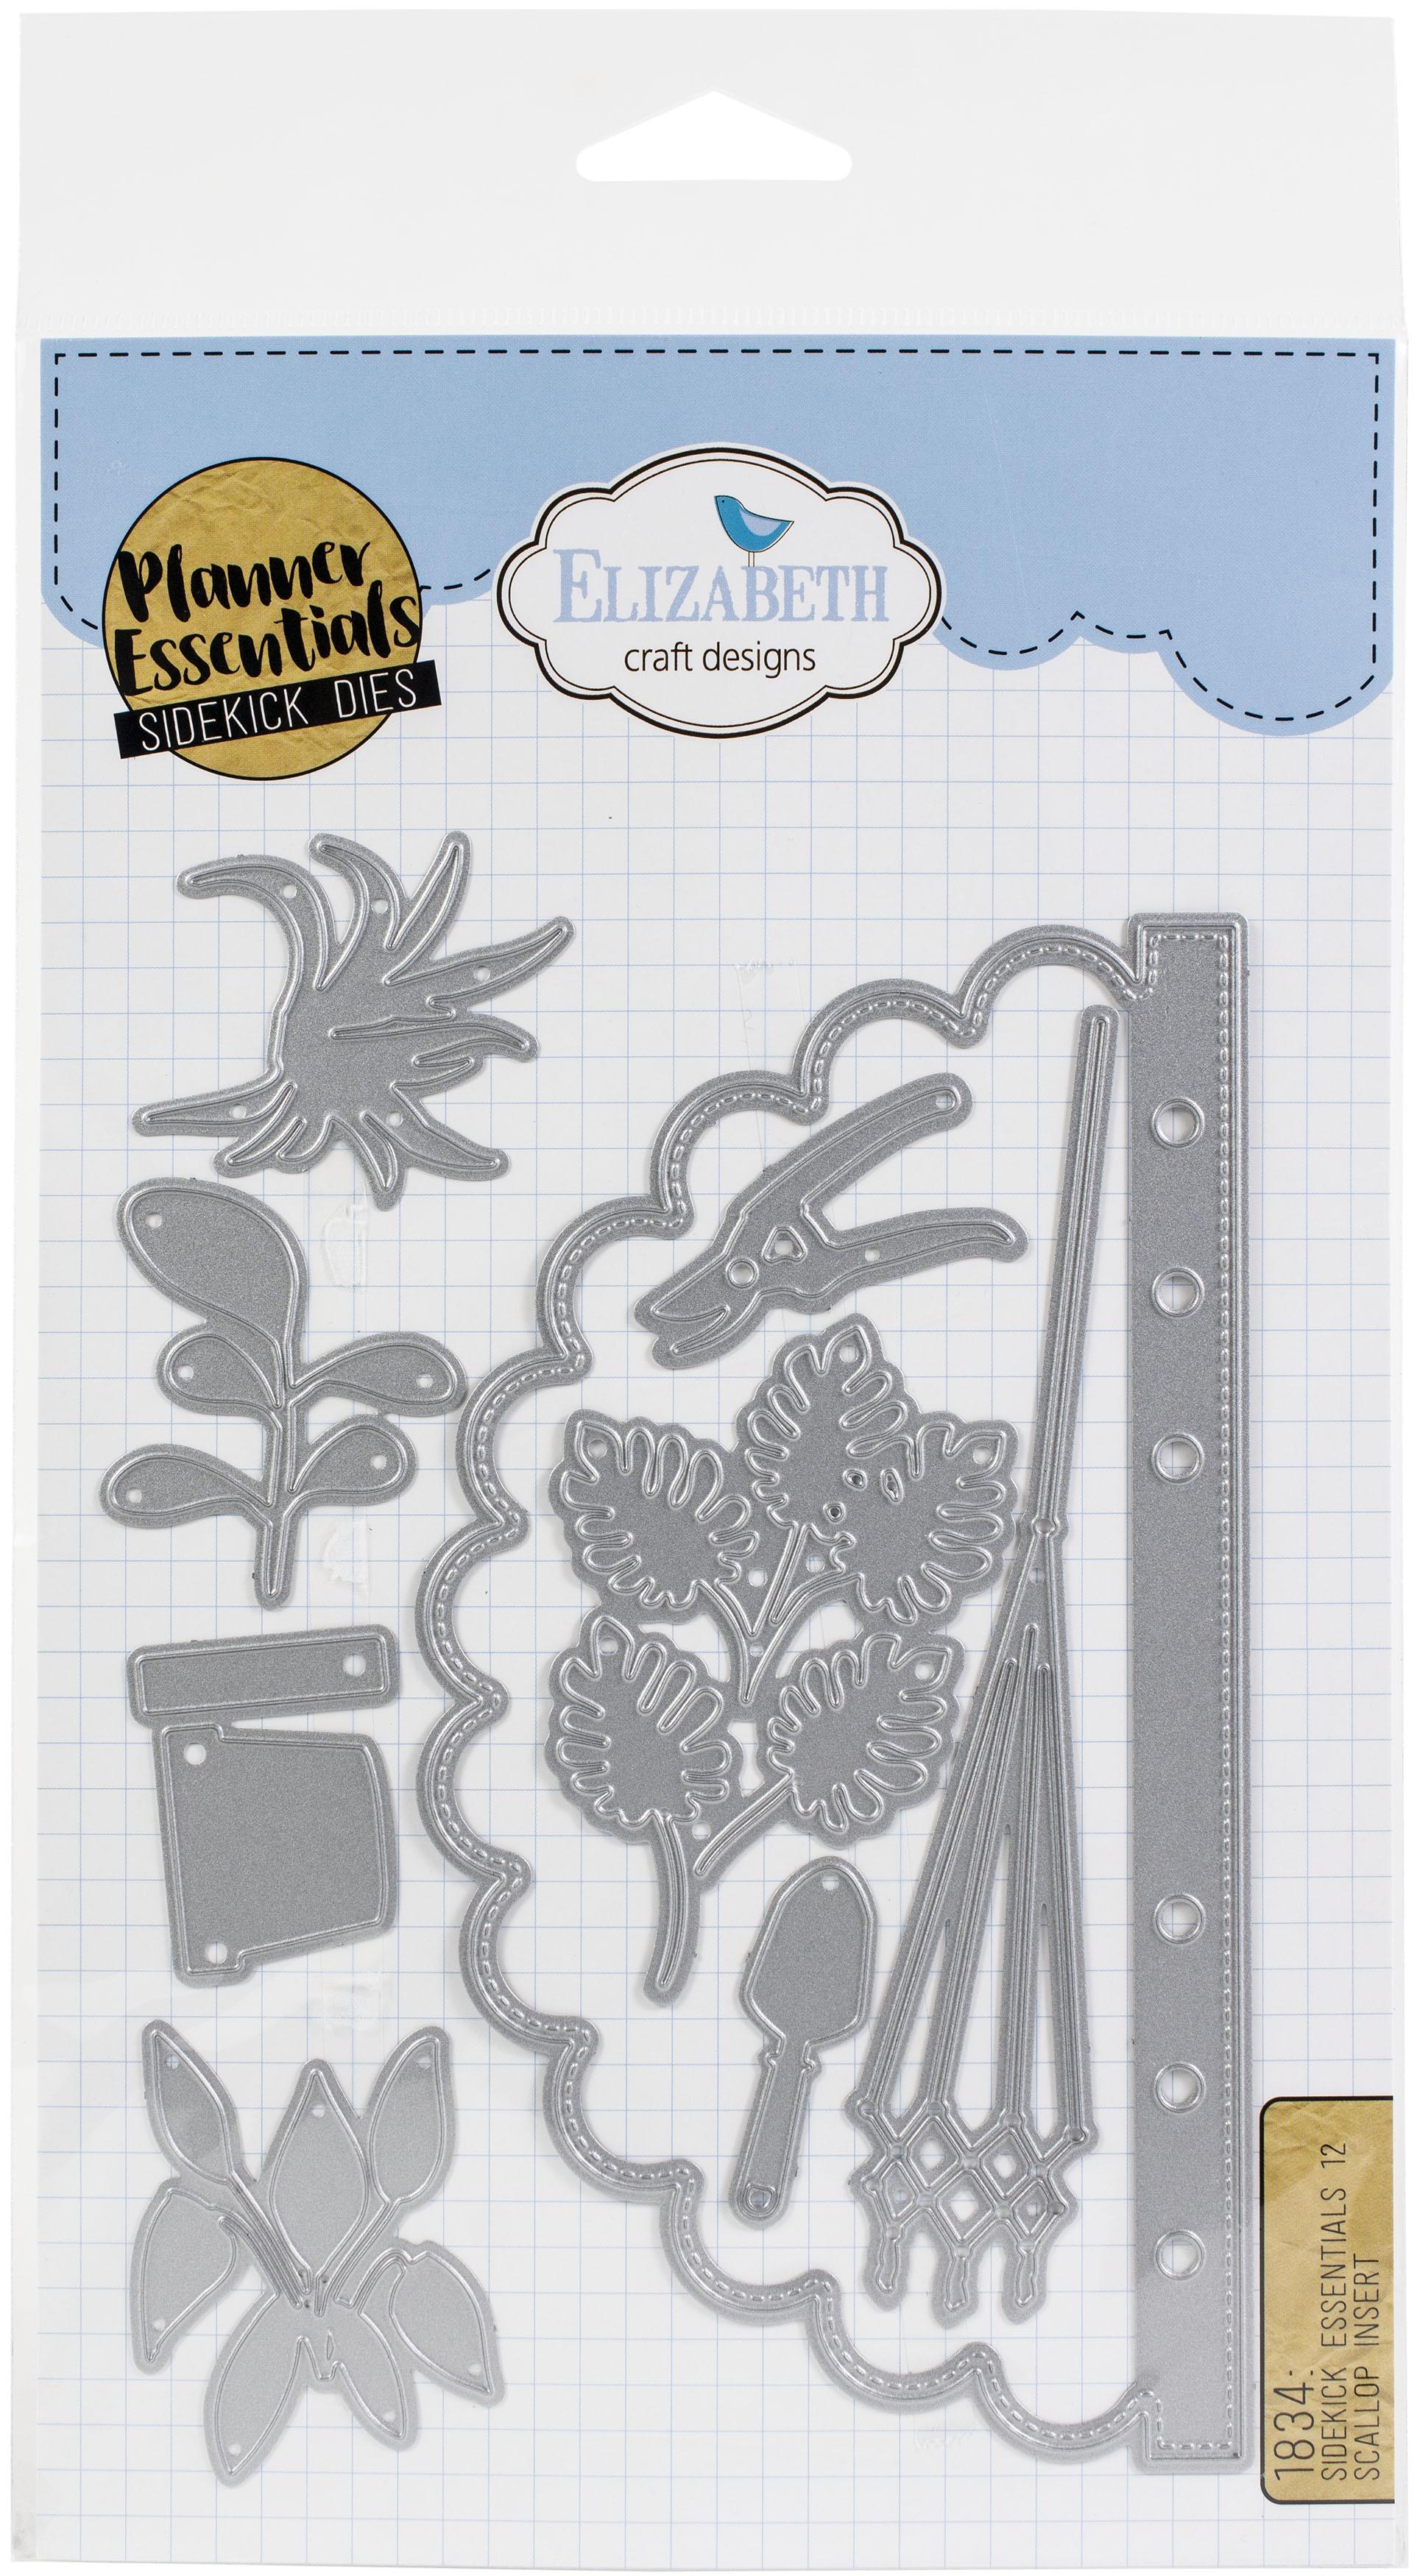 Elizabeth Craft Design Sidekick Planner Essentials Dies - Matrice no. 12